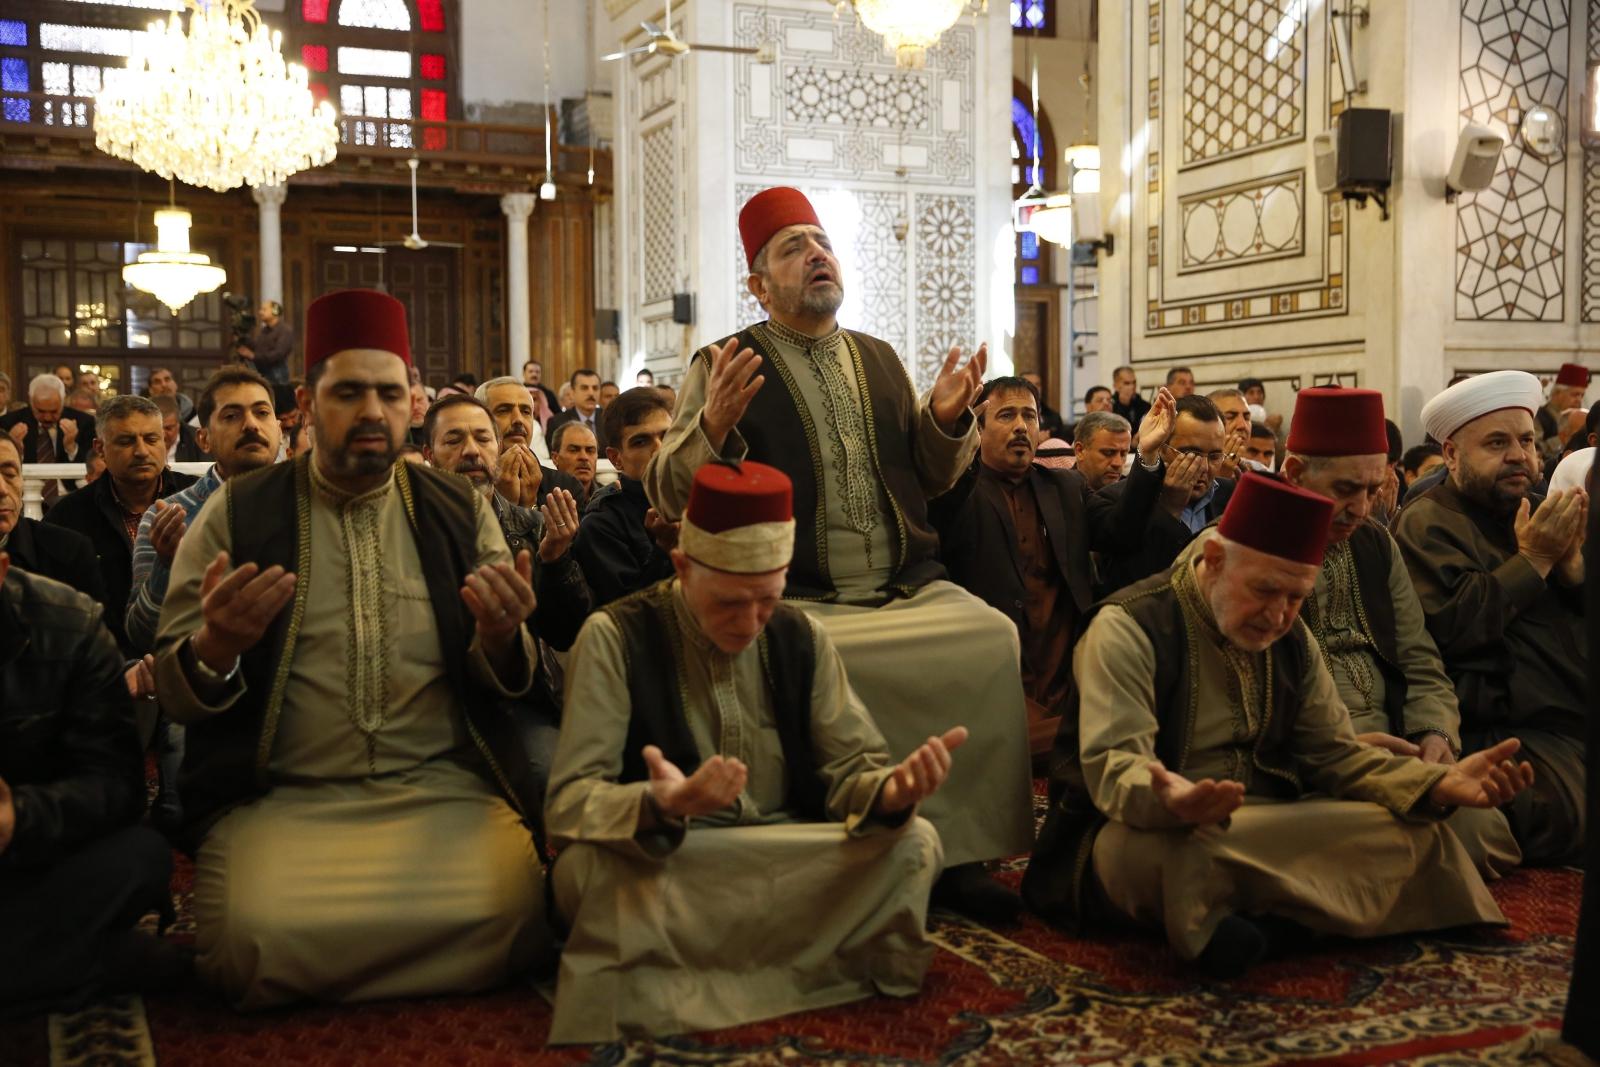 Muzułmanie modlą się o deszcz w Damaszku, w Syrii. Fot. PAP/EPA/YOUSSEF BADAWI